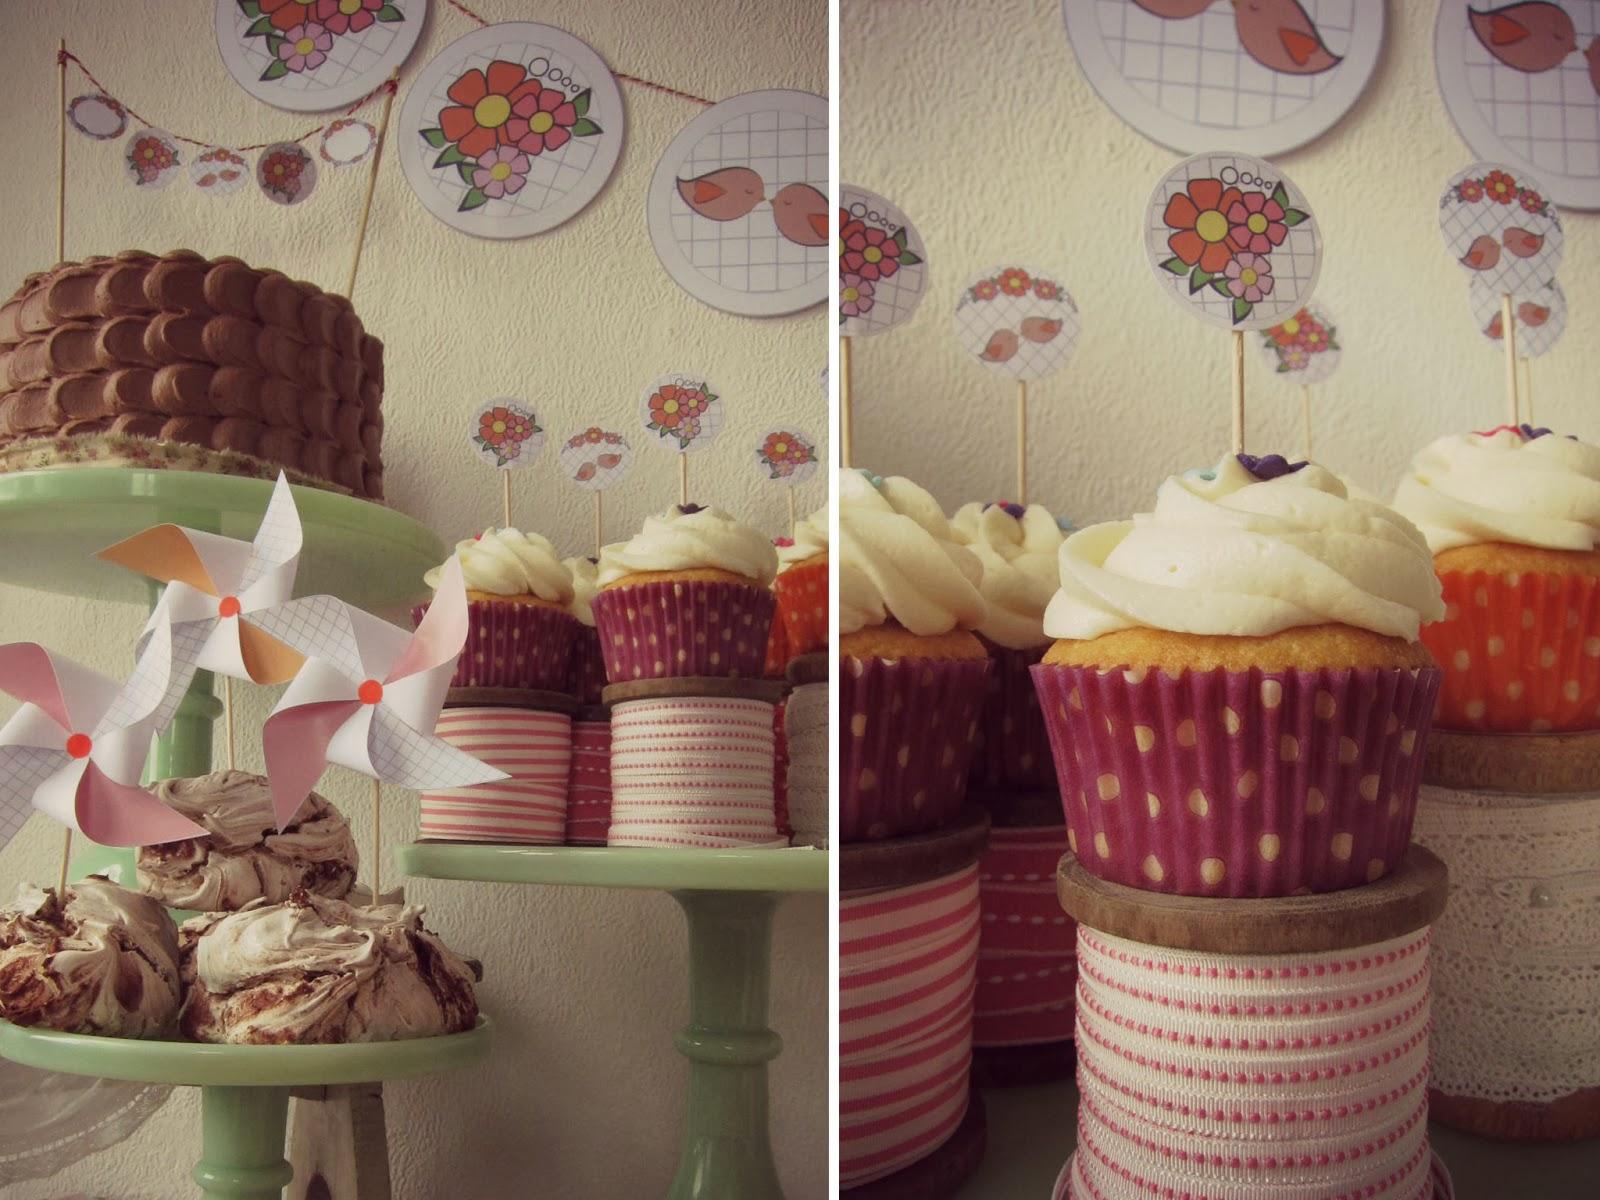 gateau d'anniversaire au chocolat, decoration murales, cupcake decores